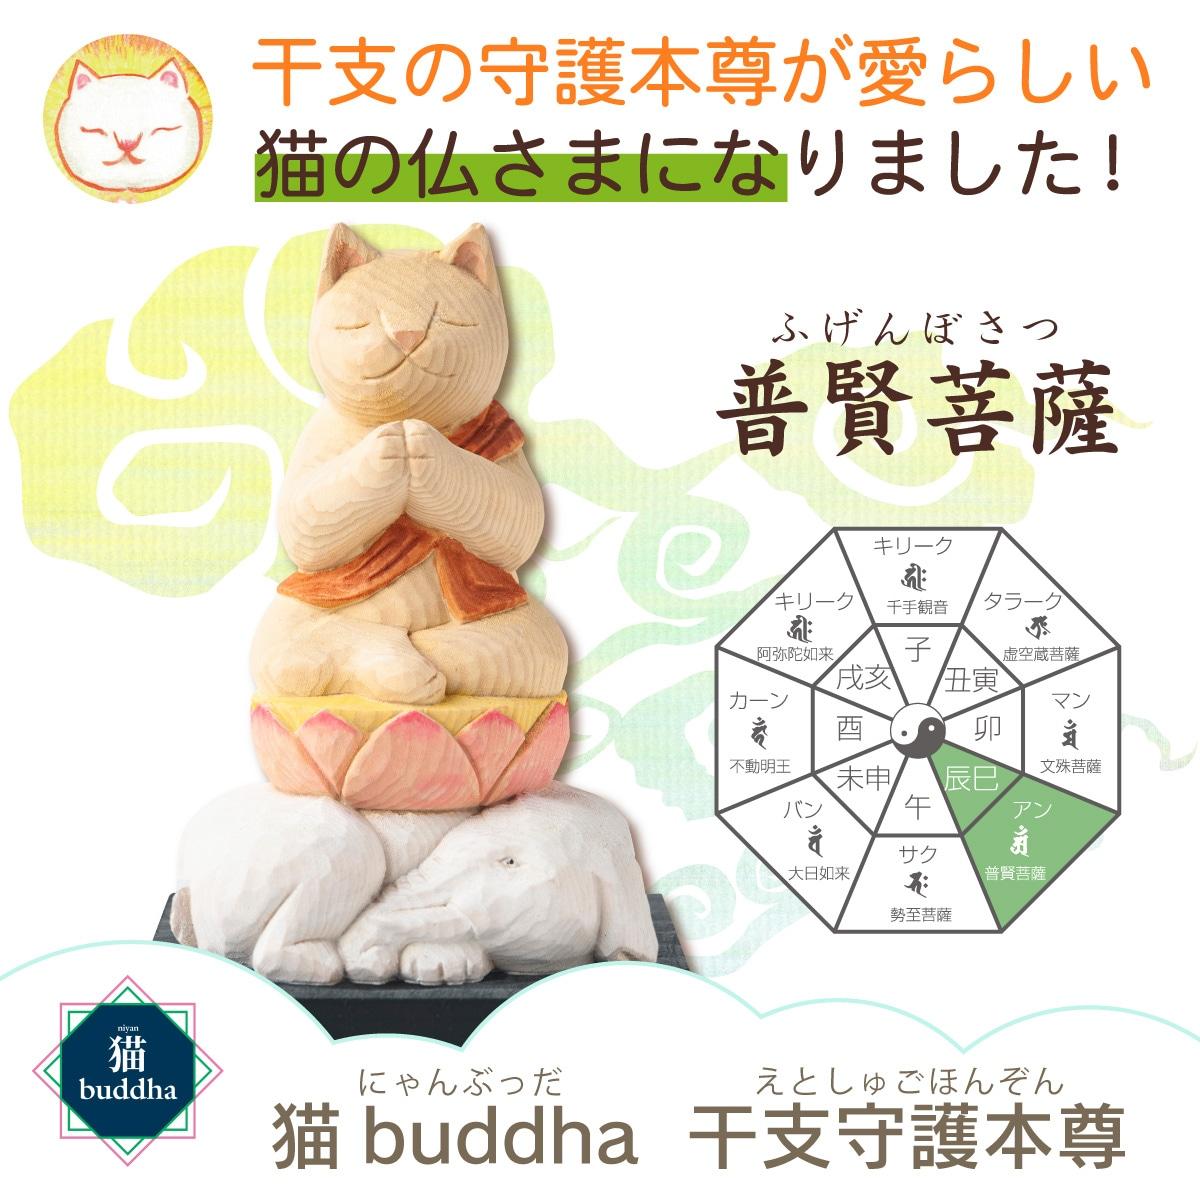 猫buddha 普賢菩薩 開運グッズ